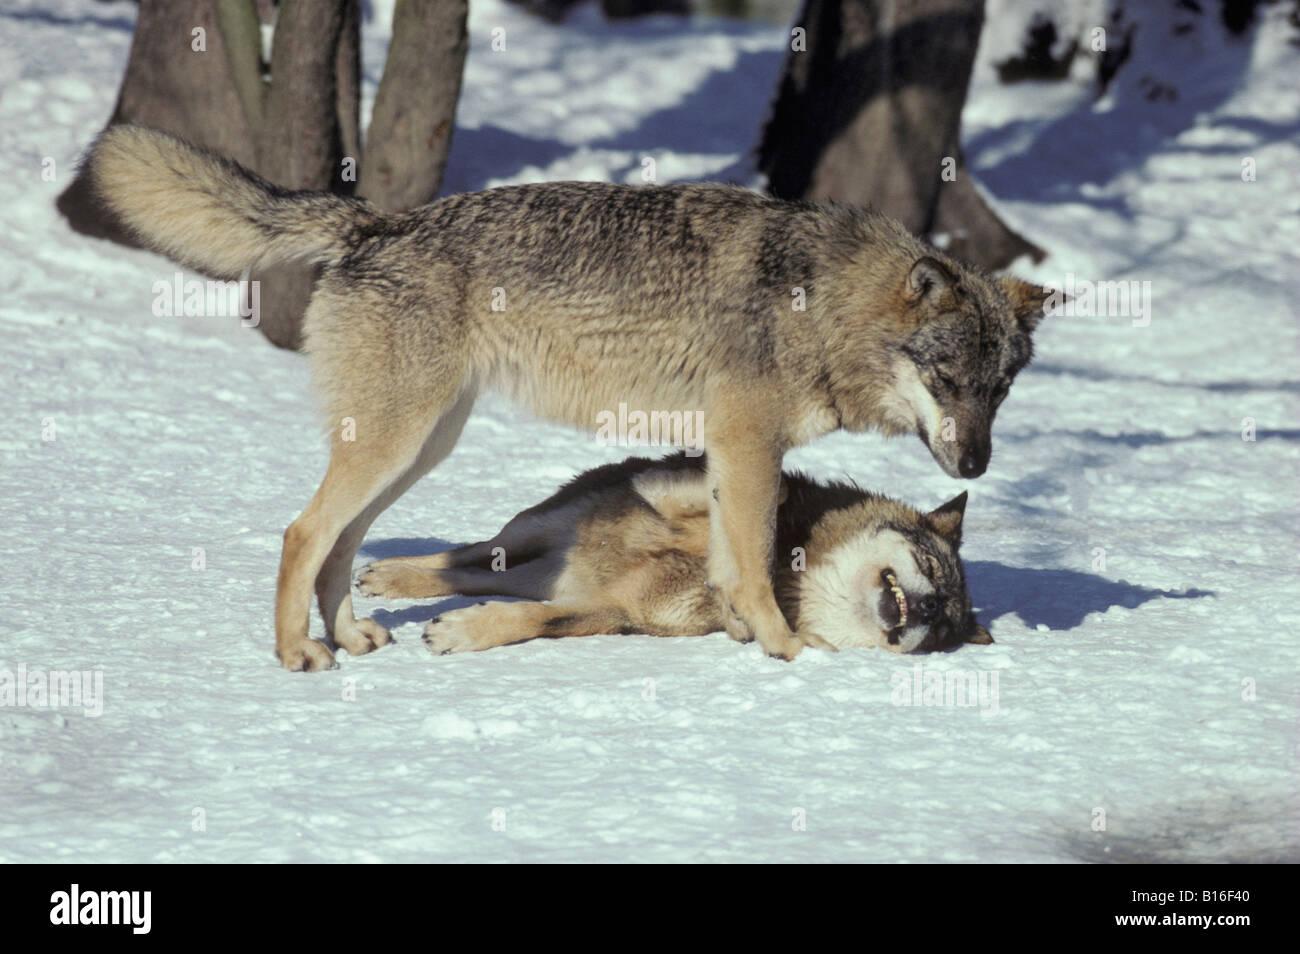 Wolf lying on back - photo#4